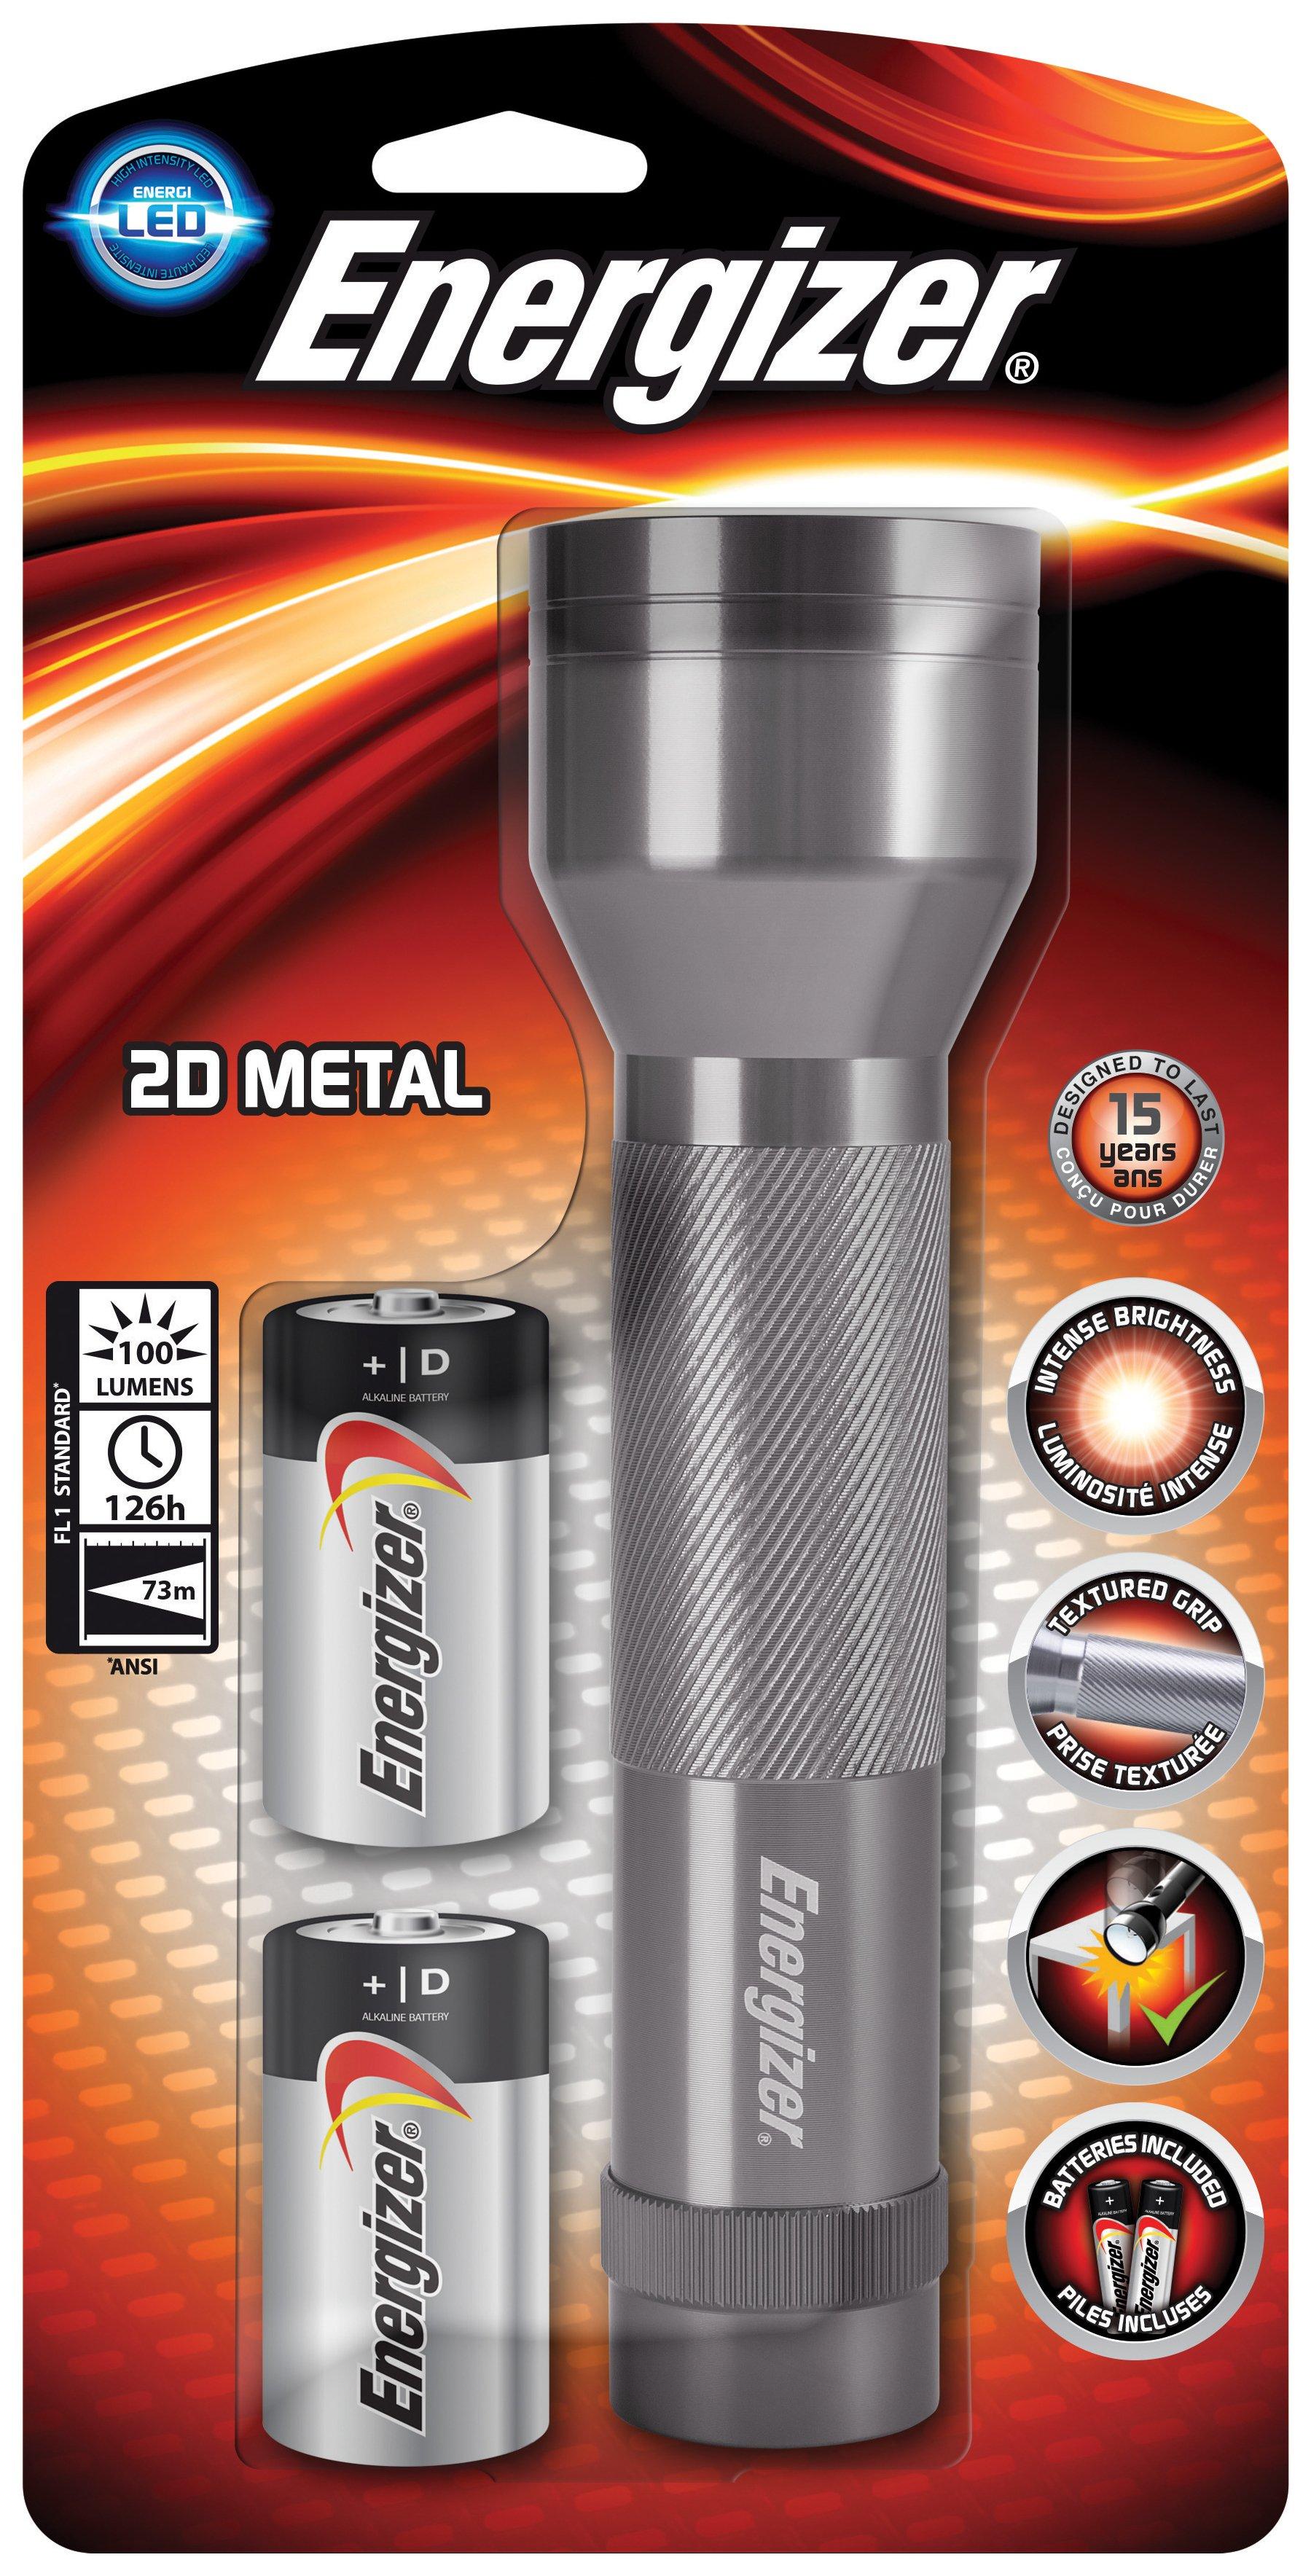 Energizer 100 Lumen Metal LED Torch